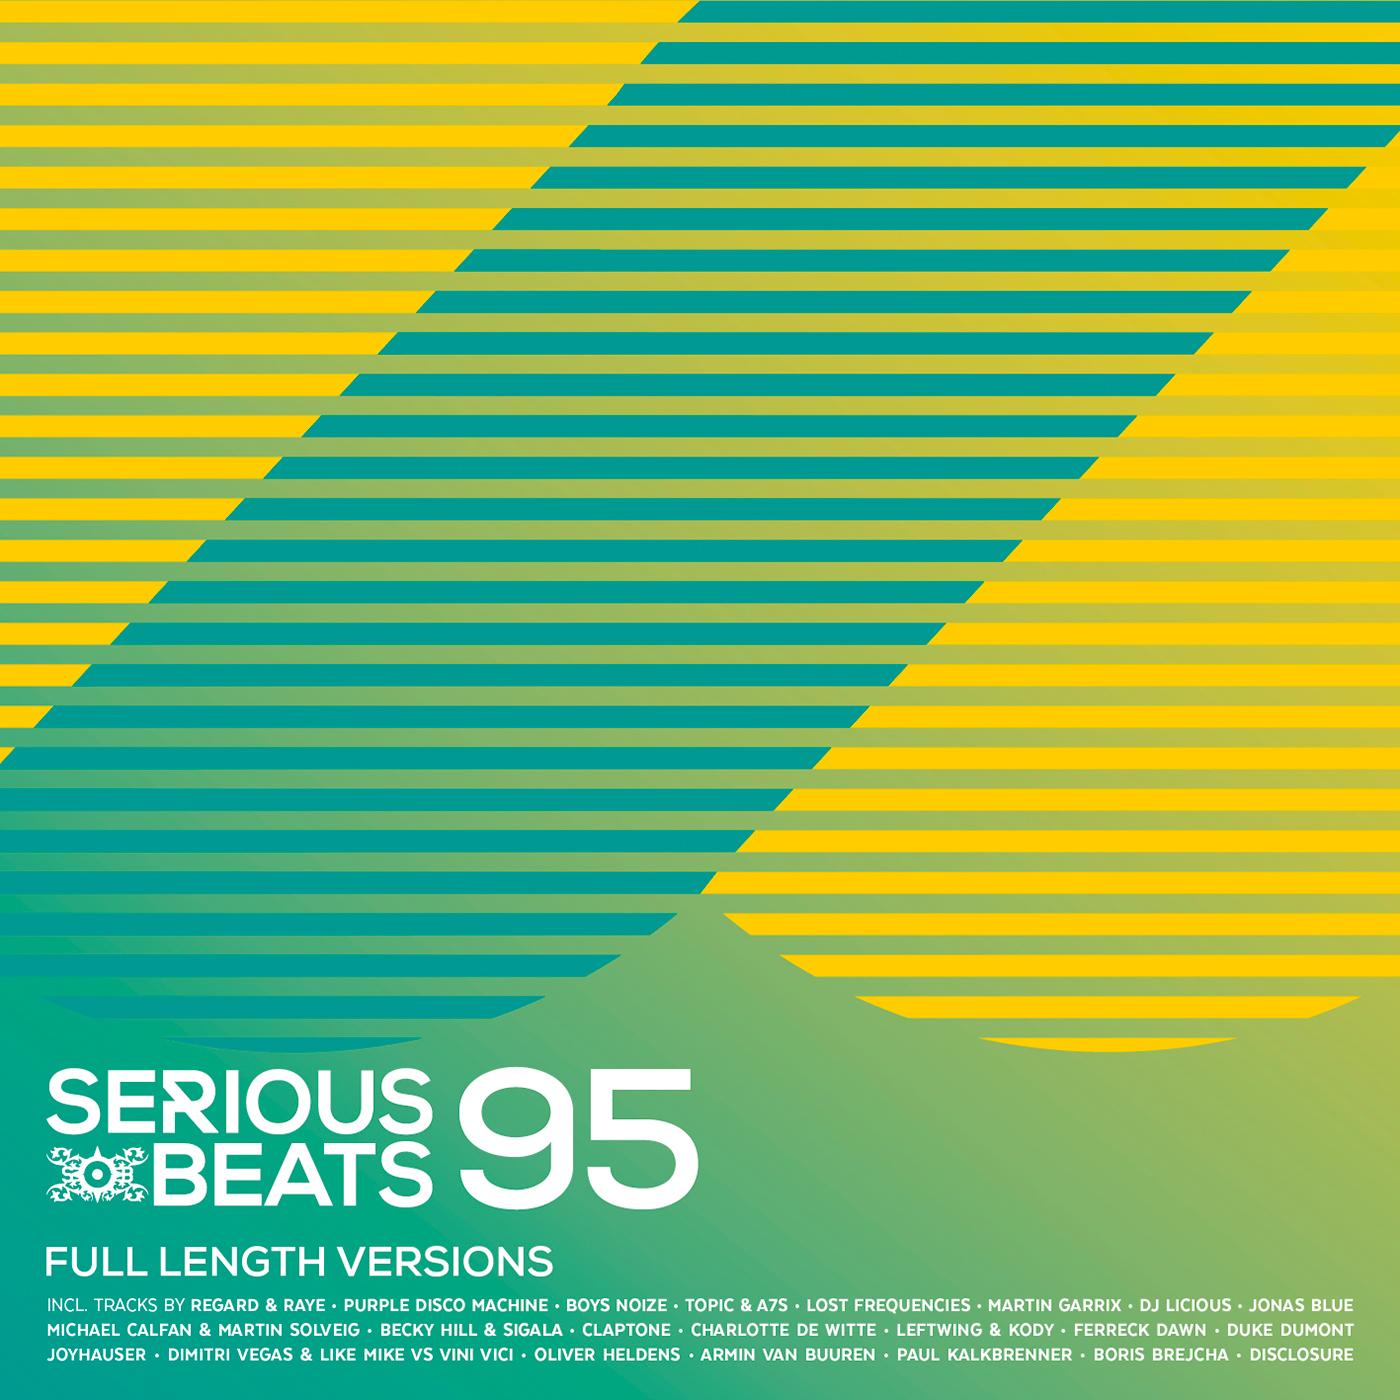 SERIOUS BEATS 95 Image